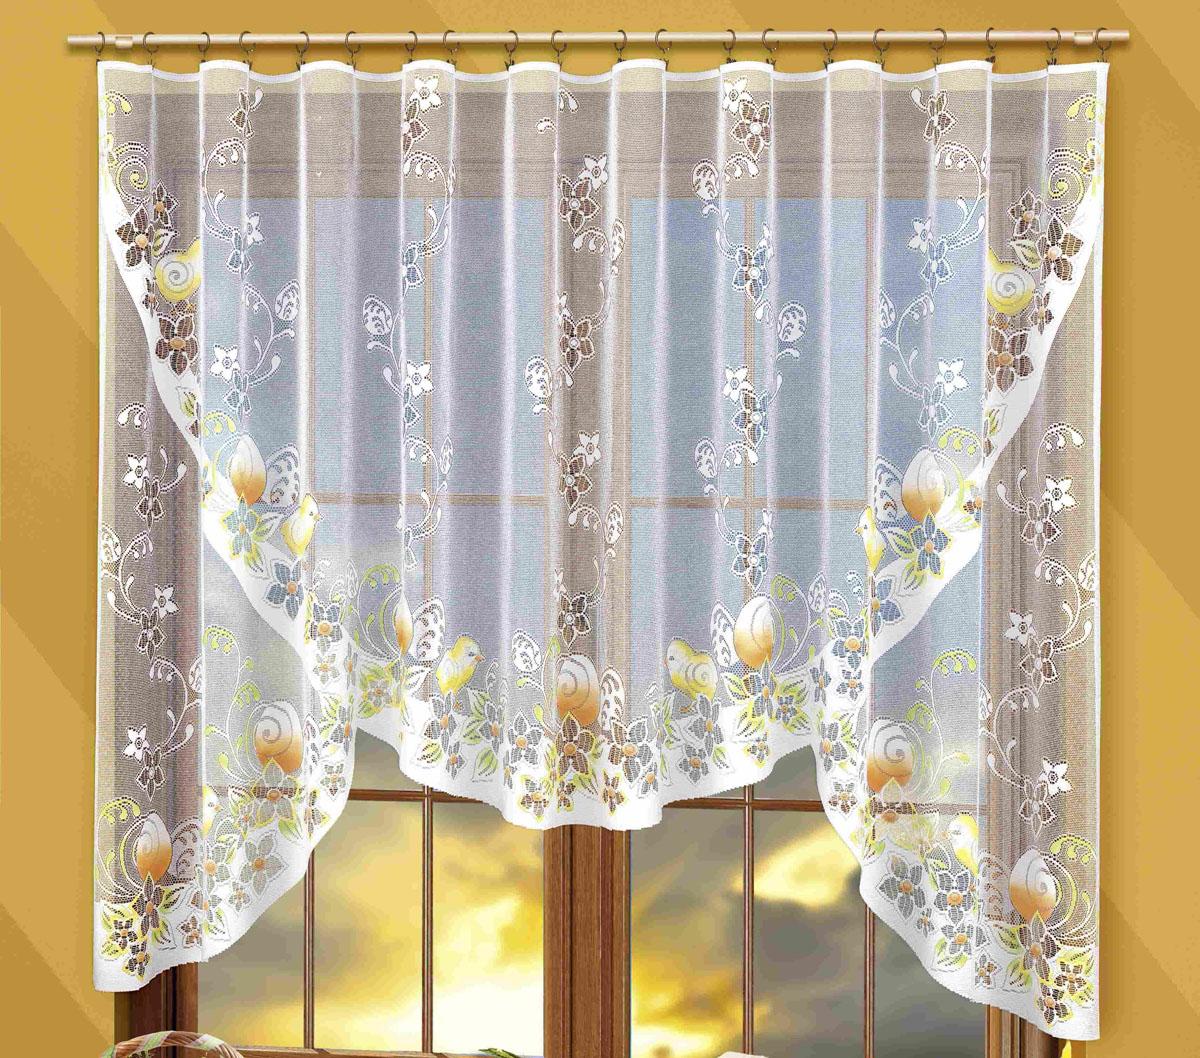 Гардина Wielkanoc, на ленте, цвет: белый, высота 160 см748365Гардина Wielkanoc, выполненная из легкого полиэстера белого цвета, станет великолепным украшением любого окна. Тонкое плетение, оригинальное исполнение и нежная цветовая гамма привлекут внимание и украсят интерьер помещения. Гардина оснащена шторной лентой для крепления на карниз. Характеристики:Материал: 100% полиэстер. Цвет: белый. Размер упаковки:25 см х 33 см х 3 см. Артикул: 748365.В комплект входит: Гардина - 1 шт. Размер (ШхВ): 300 см х 160 см. Фирма Wisan на польском рынке существует уже более пятидесяти лет и является одной из лучших польских фабрик по производству штор и тканей. Ассортимент фирмы представлен готовыми комплектами штор для гостиной, детской, кухни, а также текстилем для кухни (скатерти, салфетки, дорожки, кухонные занавески). Модельный ряд отличает оригинальный дизайн, высокое качество. Ассортимент продукции постоянно пополняется.